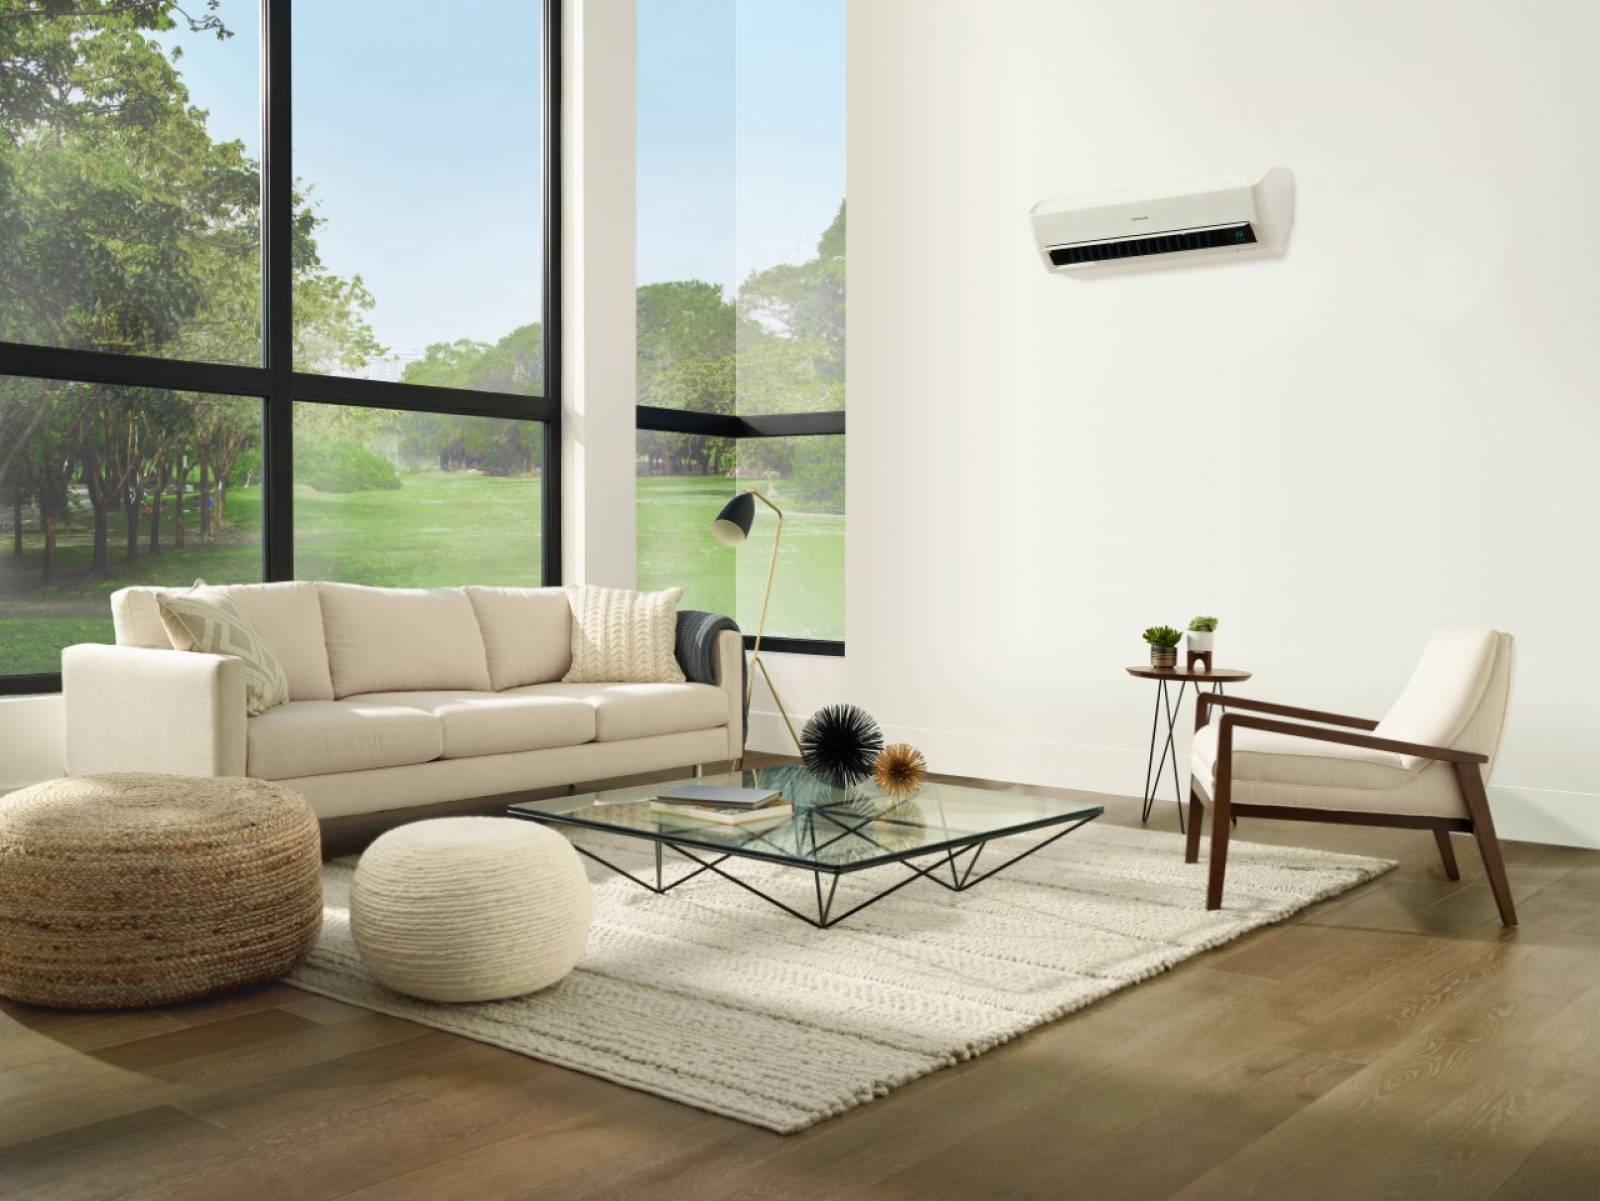 climatisation sans courant d 39 air c est possible avec le climatiseur windfree de samsung. Black Bedroom Furniture Sets. Home Design Ideas